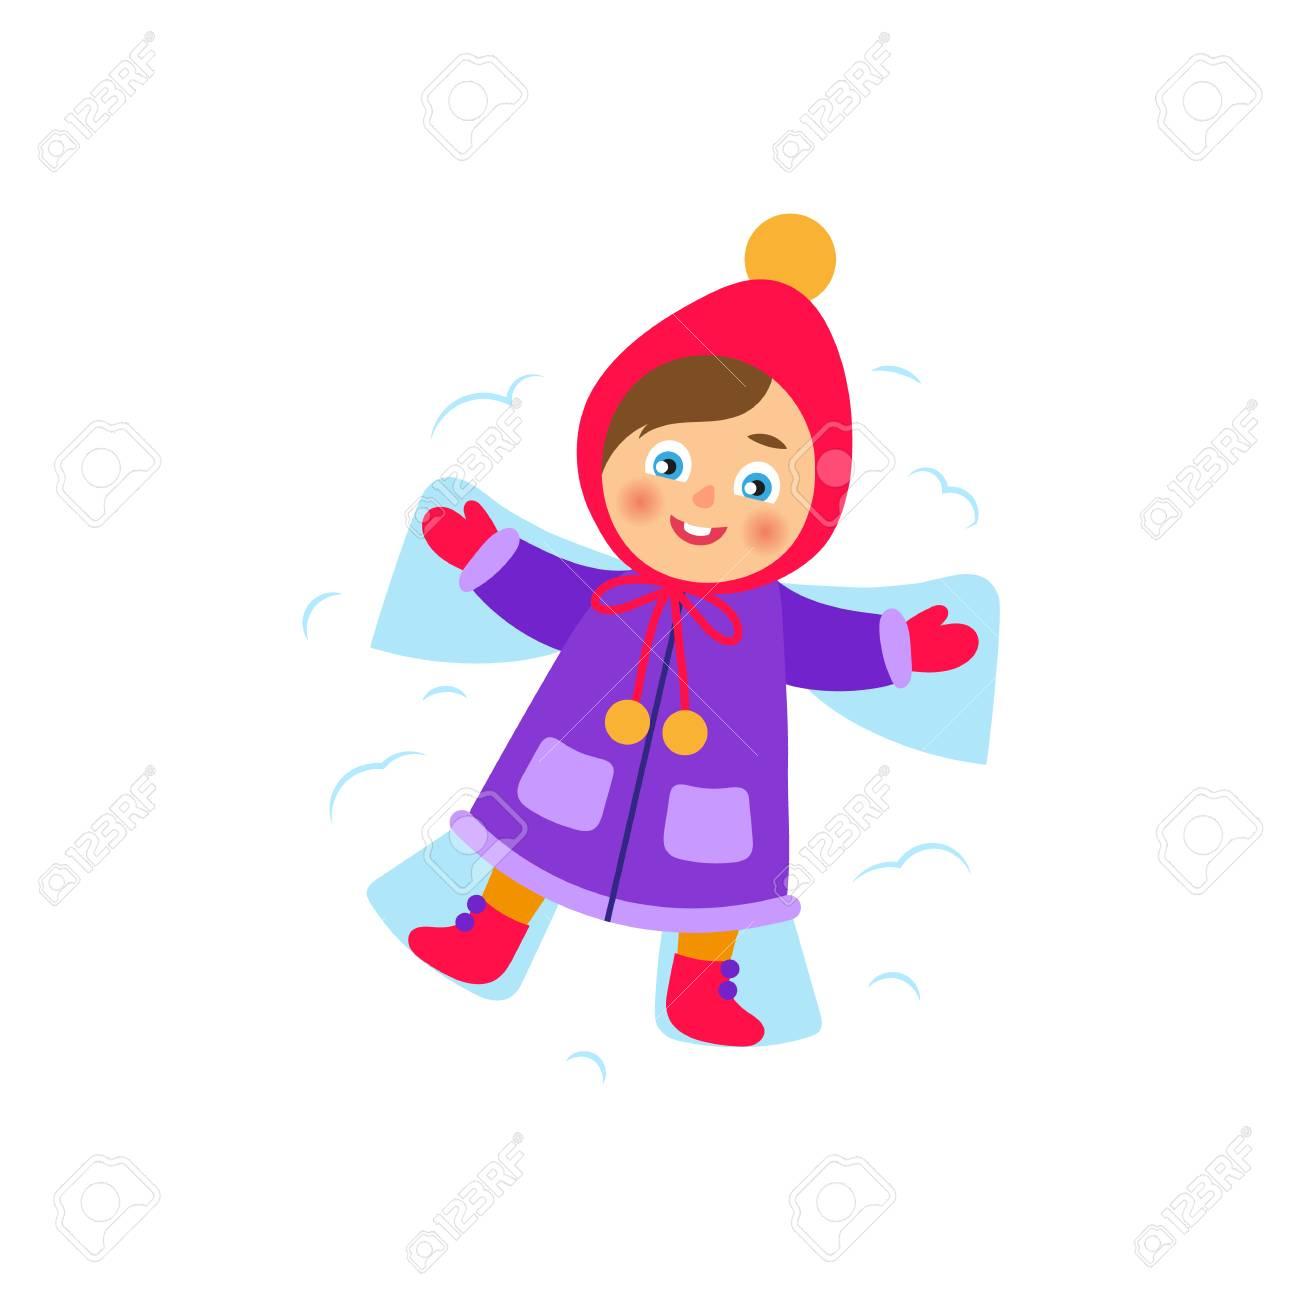 Fille De Vecteur Se Trouvant Dans La Neige Faisant Ange Des Neiges Illustration De Dessin Animé Plat Isolé Sur Fond Blanc Kid S Amuser Avec De La